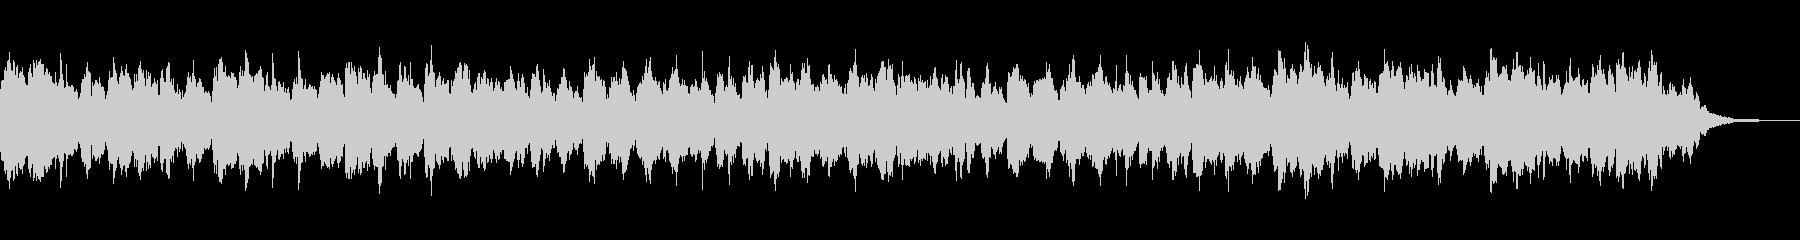 ハリウッド「短くて日常」オーケストラaの未再生の波形